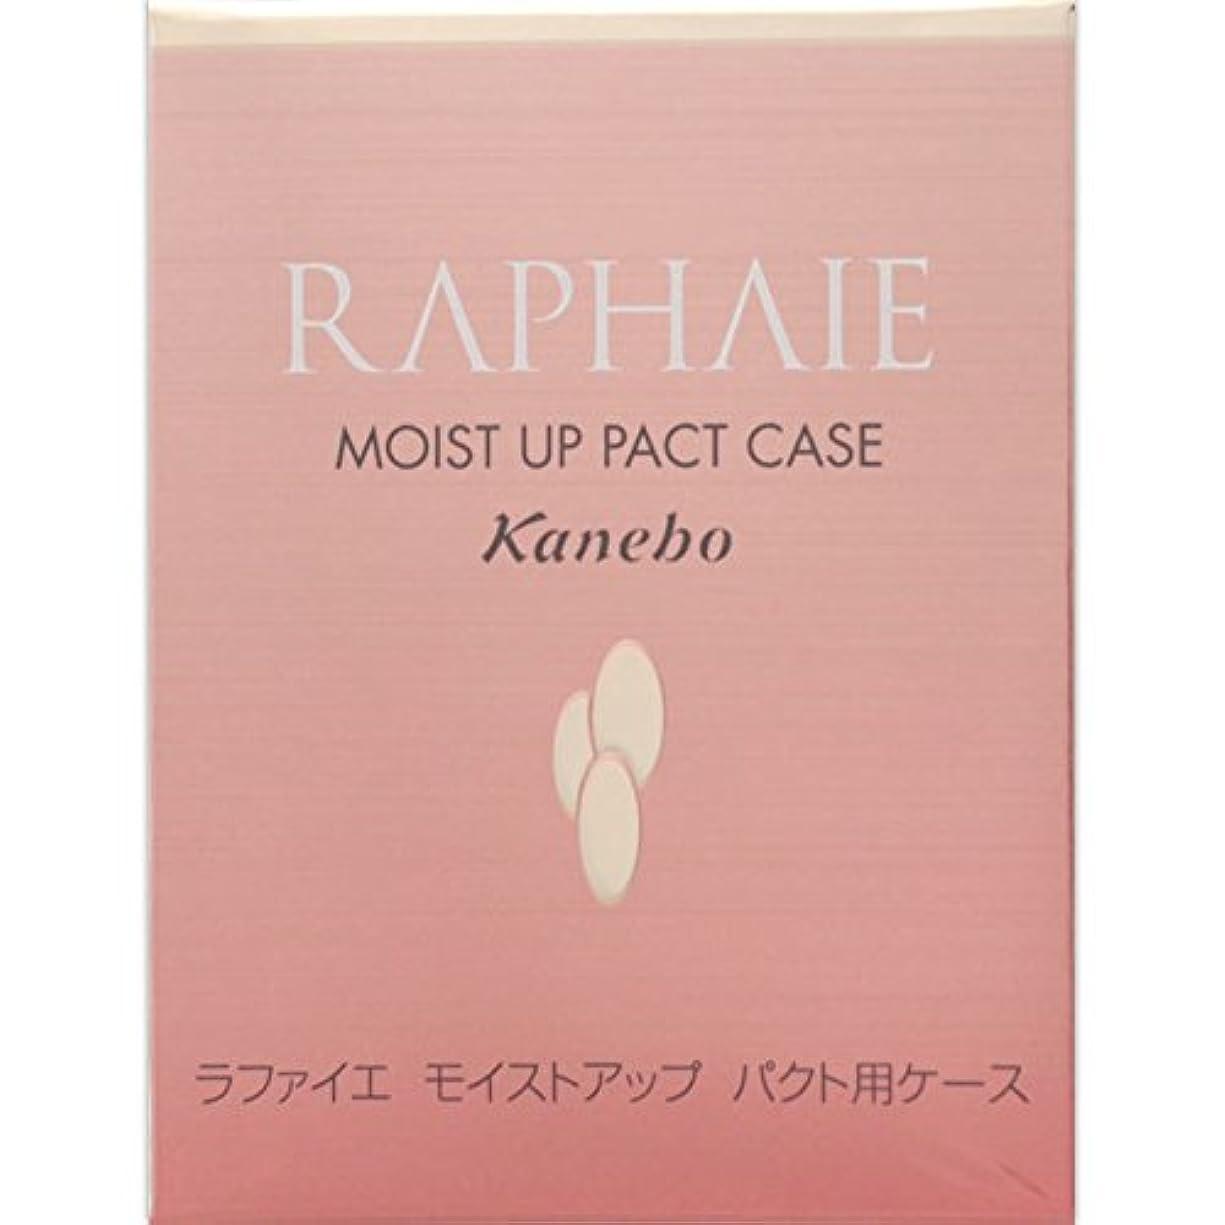 この中世の延ばす【カネボウ化粧品】ラファイエ(RAPHAIE)モイストアップ パクト用ケース